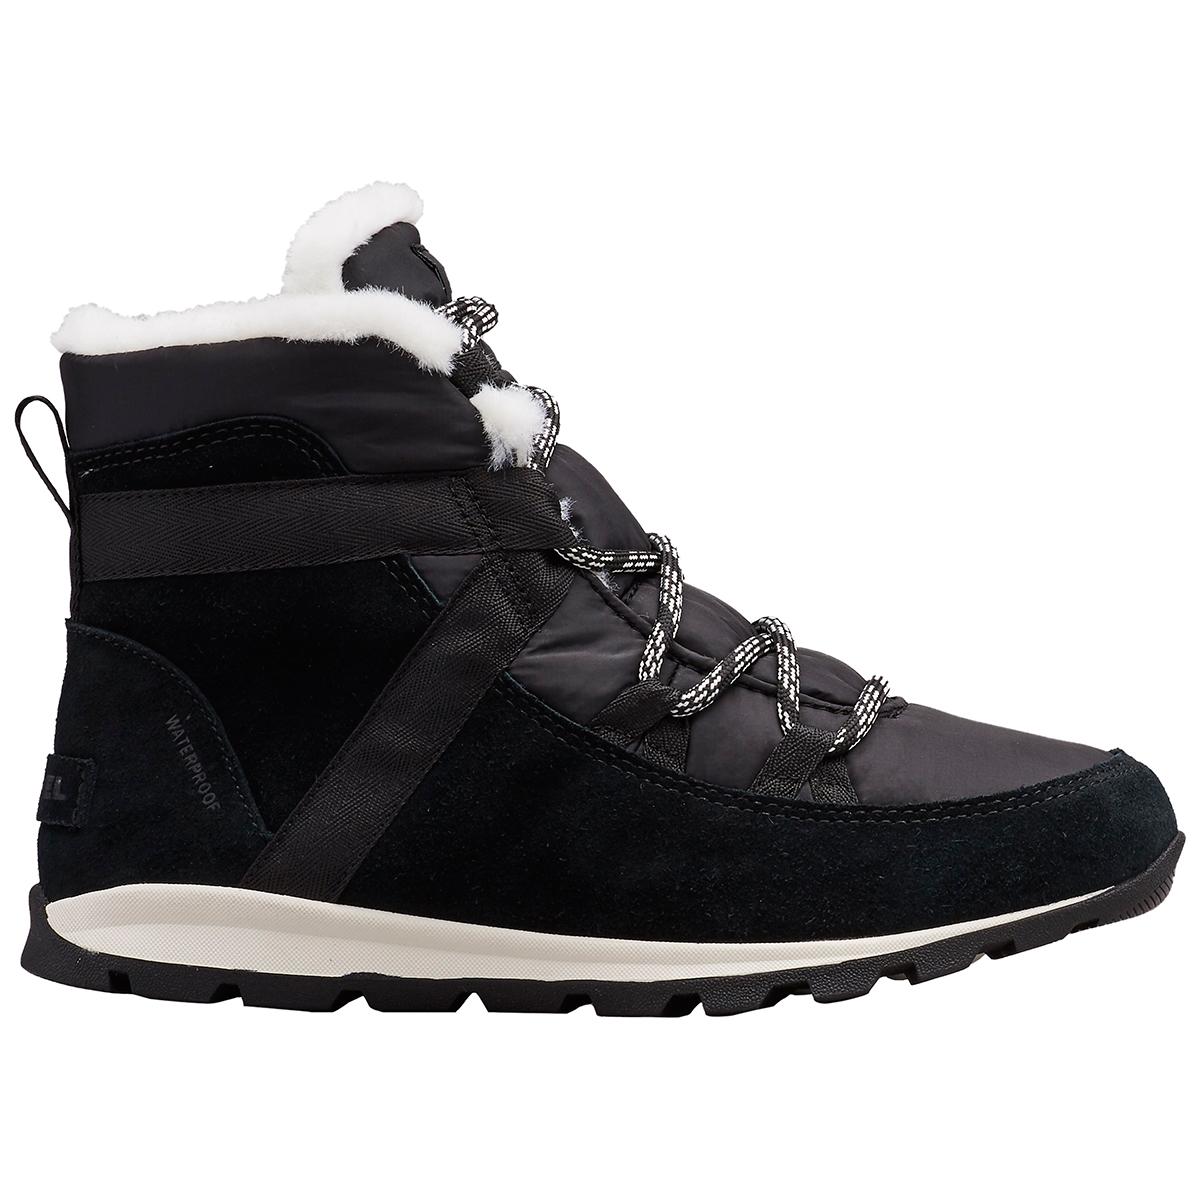 Sorel Women's Whitney Flurry Waterproof Winter Boot - Black, 7.5